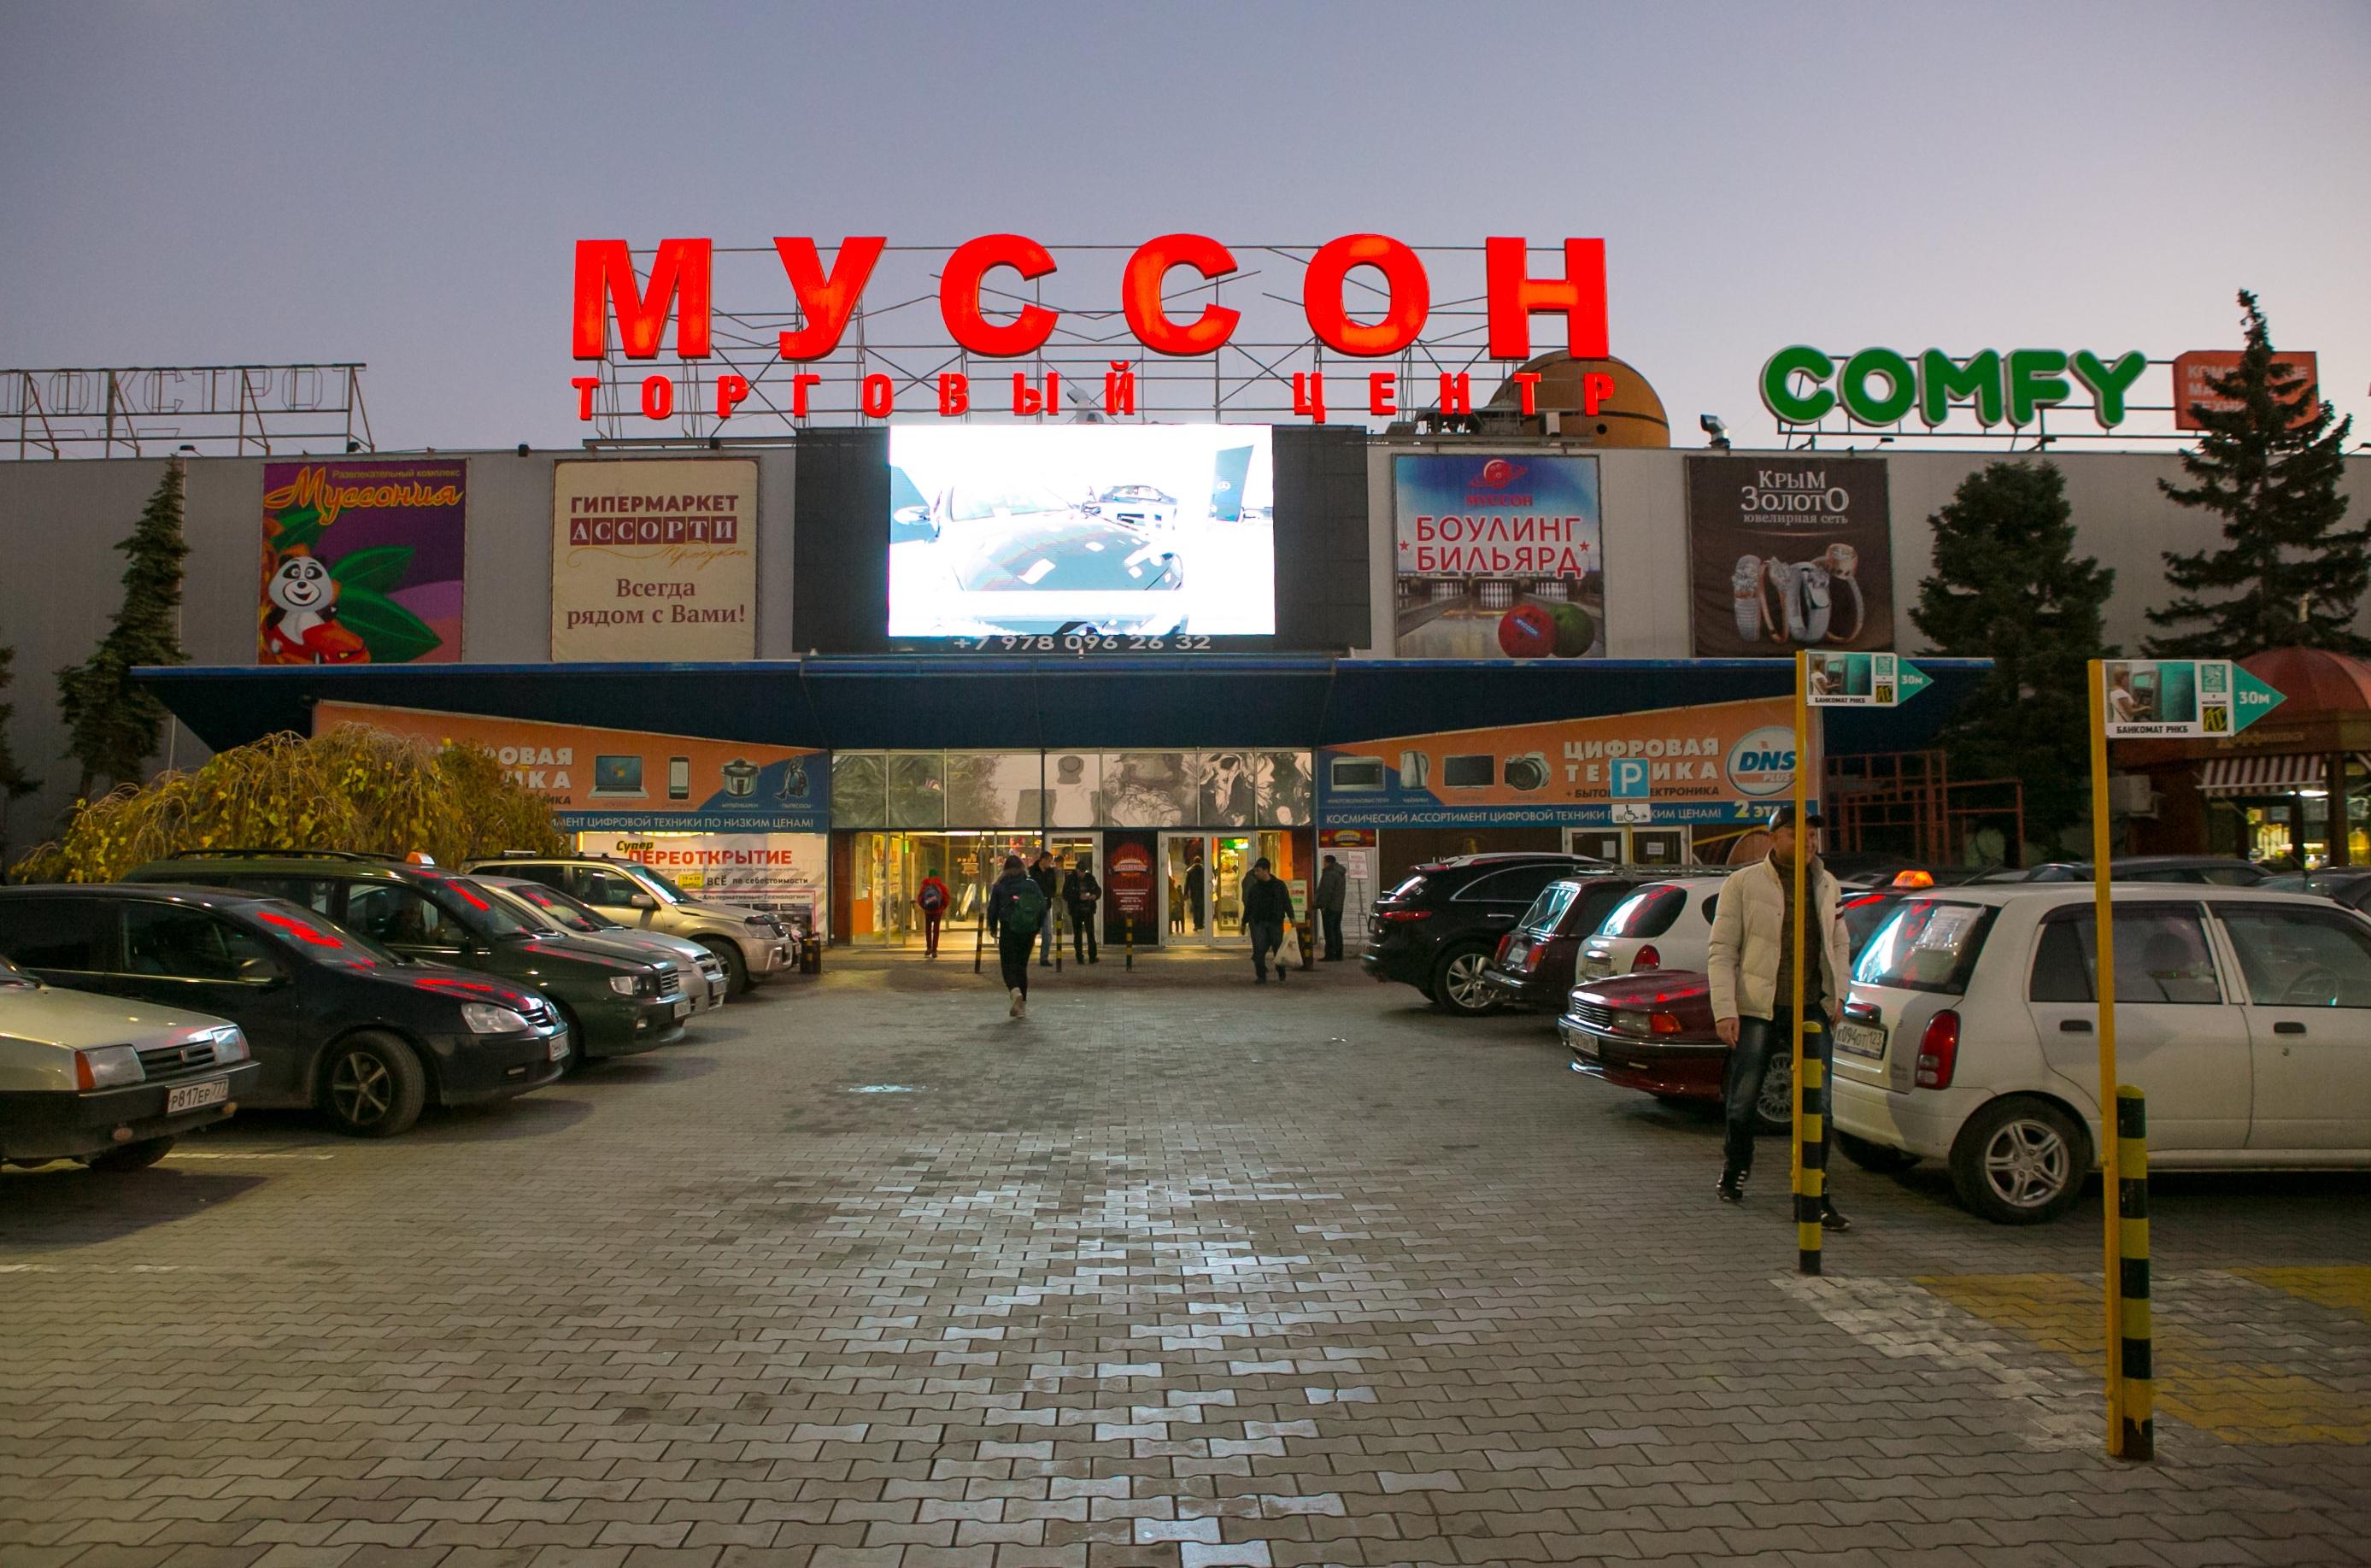 Севастопольский чиновник ответил на вопрос об открытии ТЦ «Муссон»